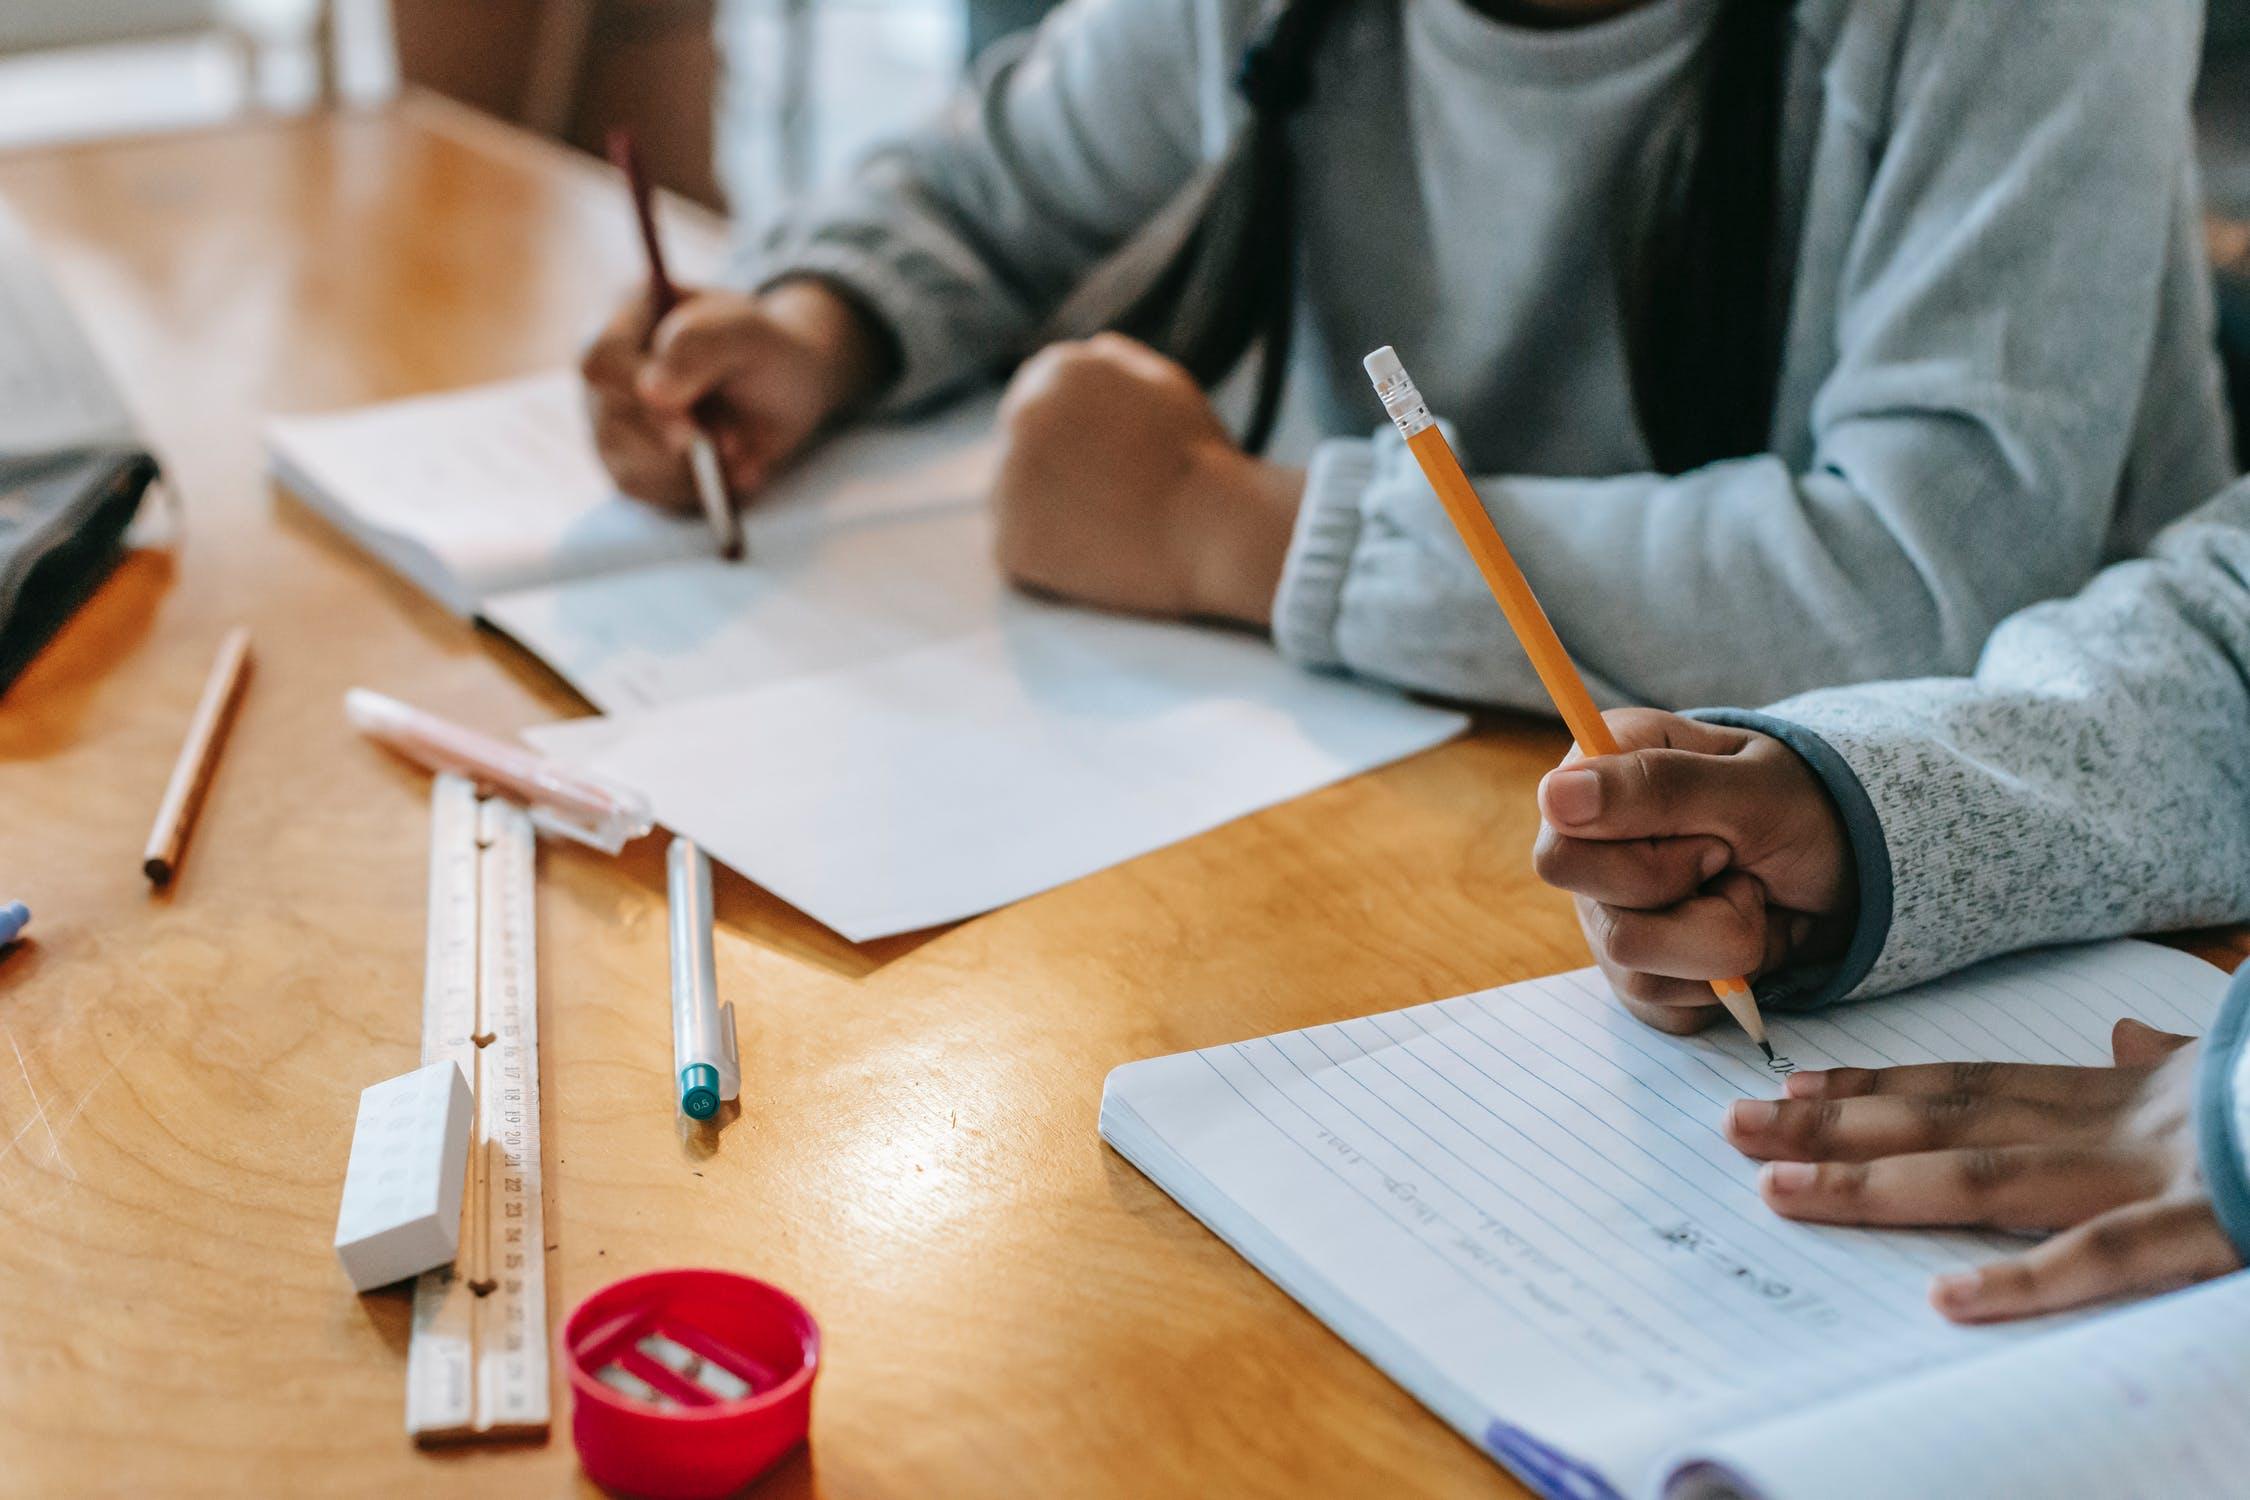 Els centres educatius de Reus inicien el calendari de portes obertes. La regidoria d'Educació de l'Ajuntament ha actualitat a la web munic...